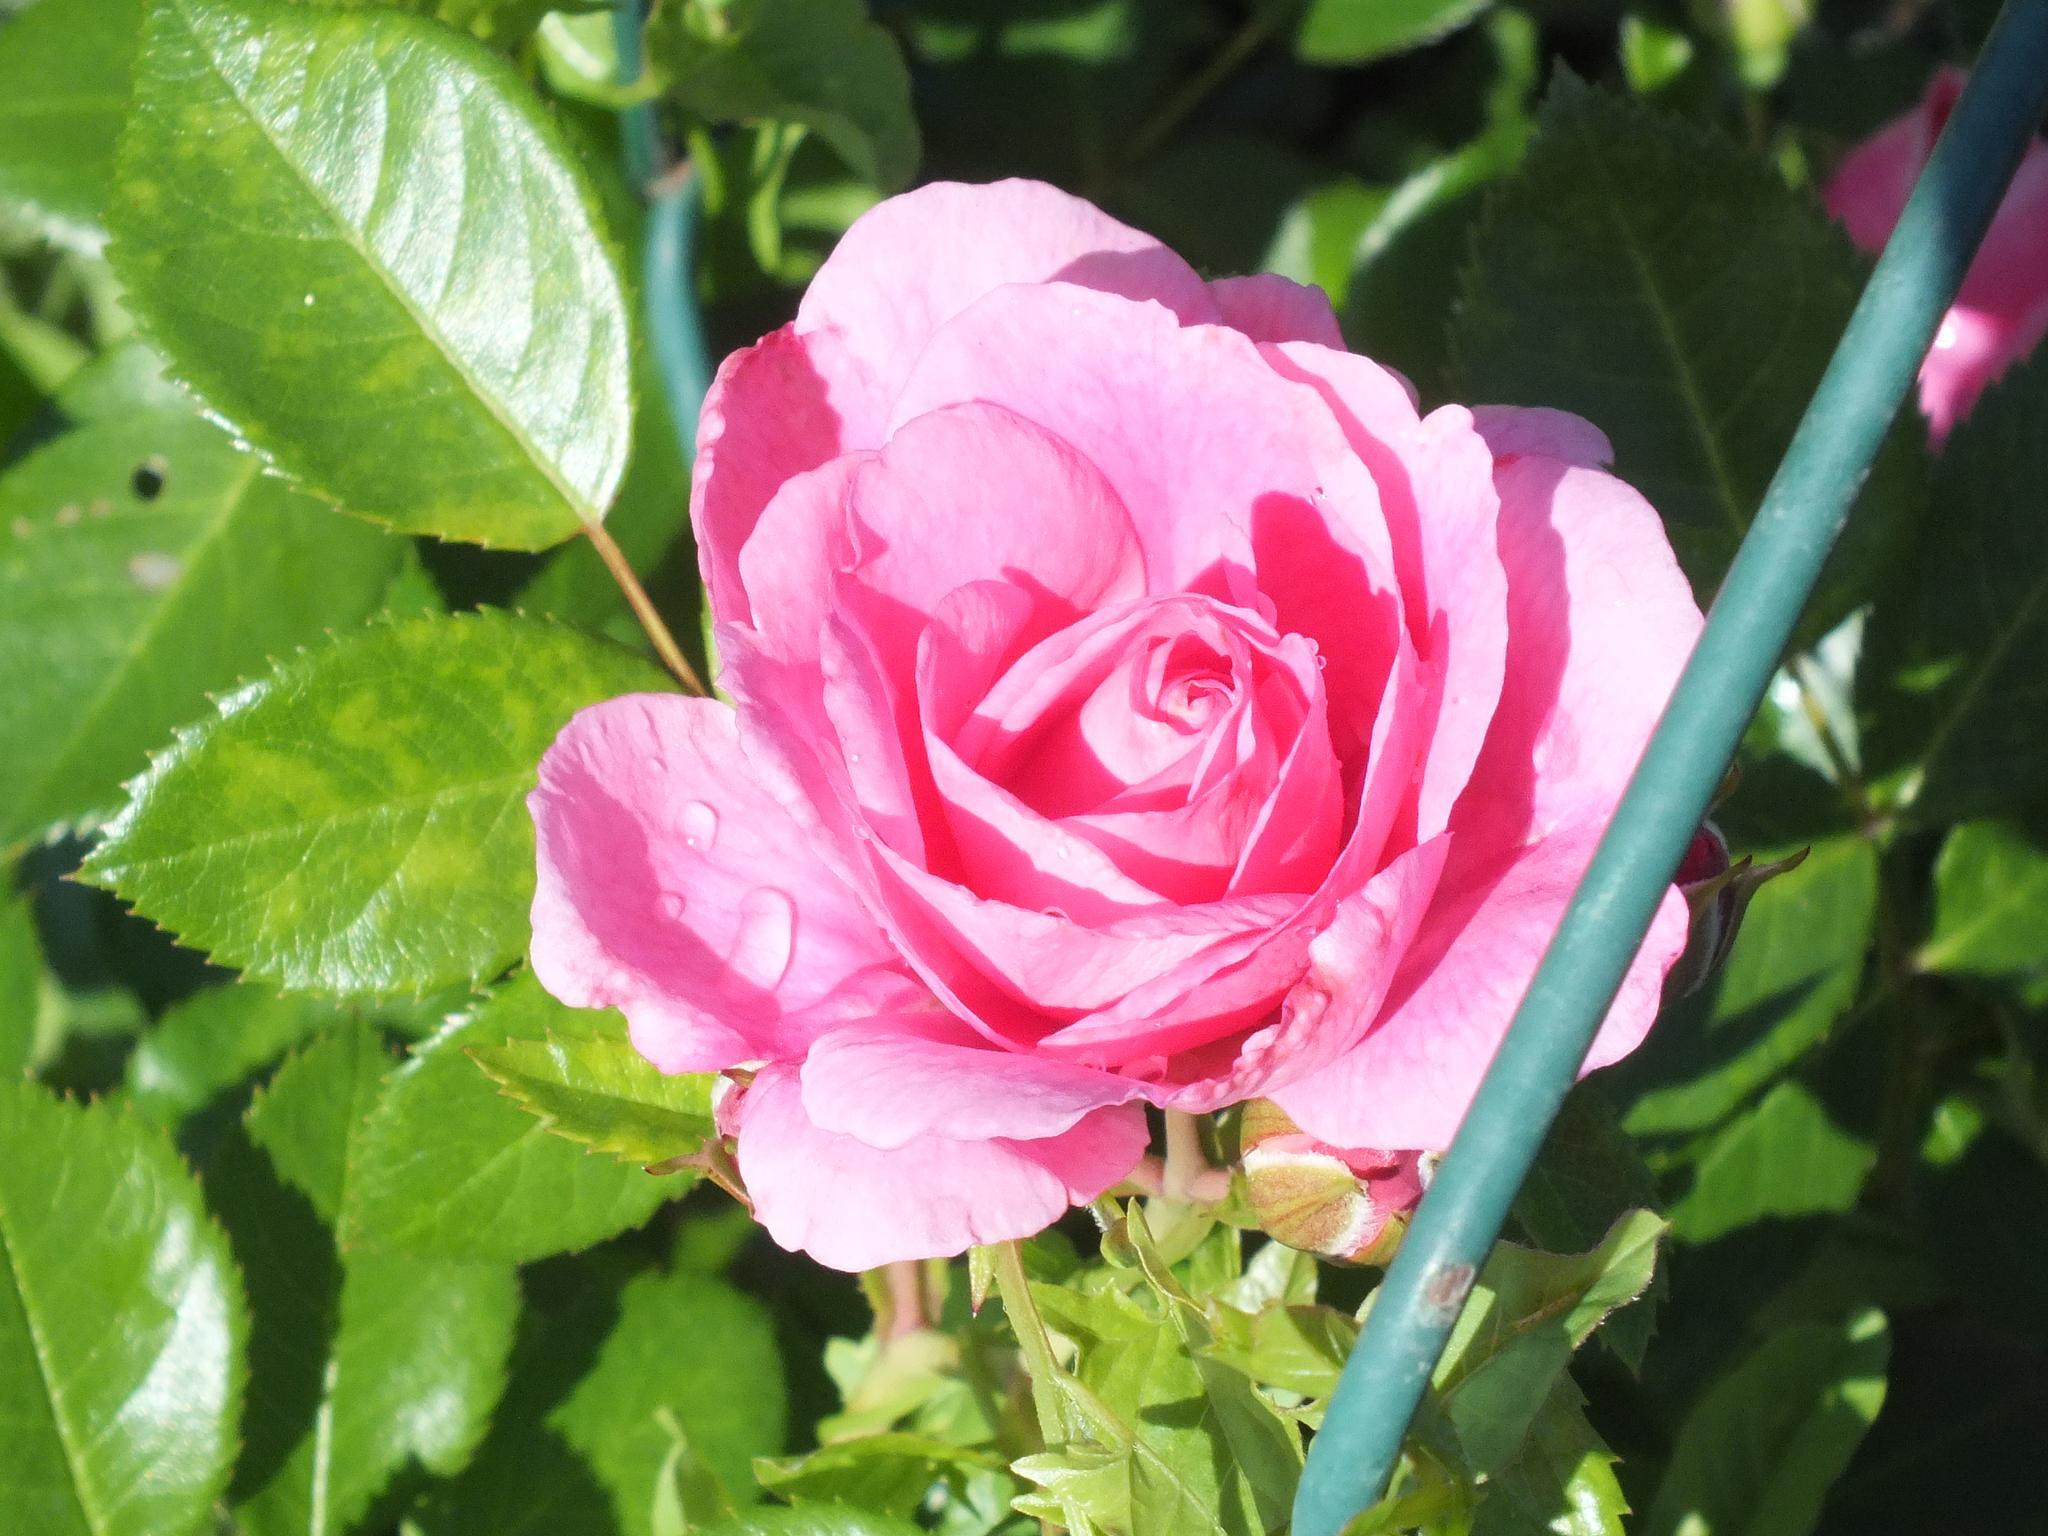 Morning rose by RegSoper